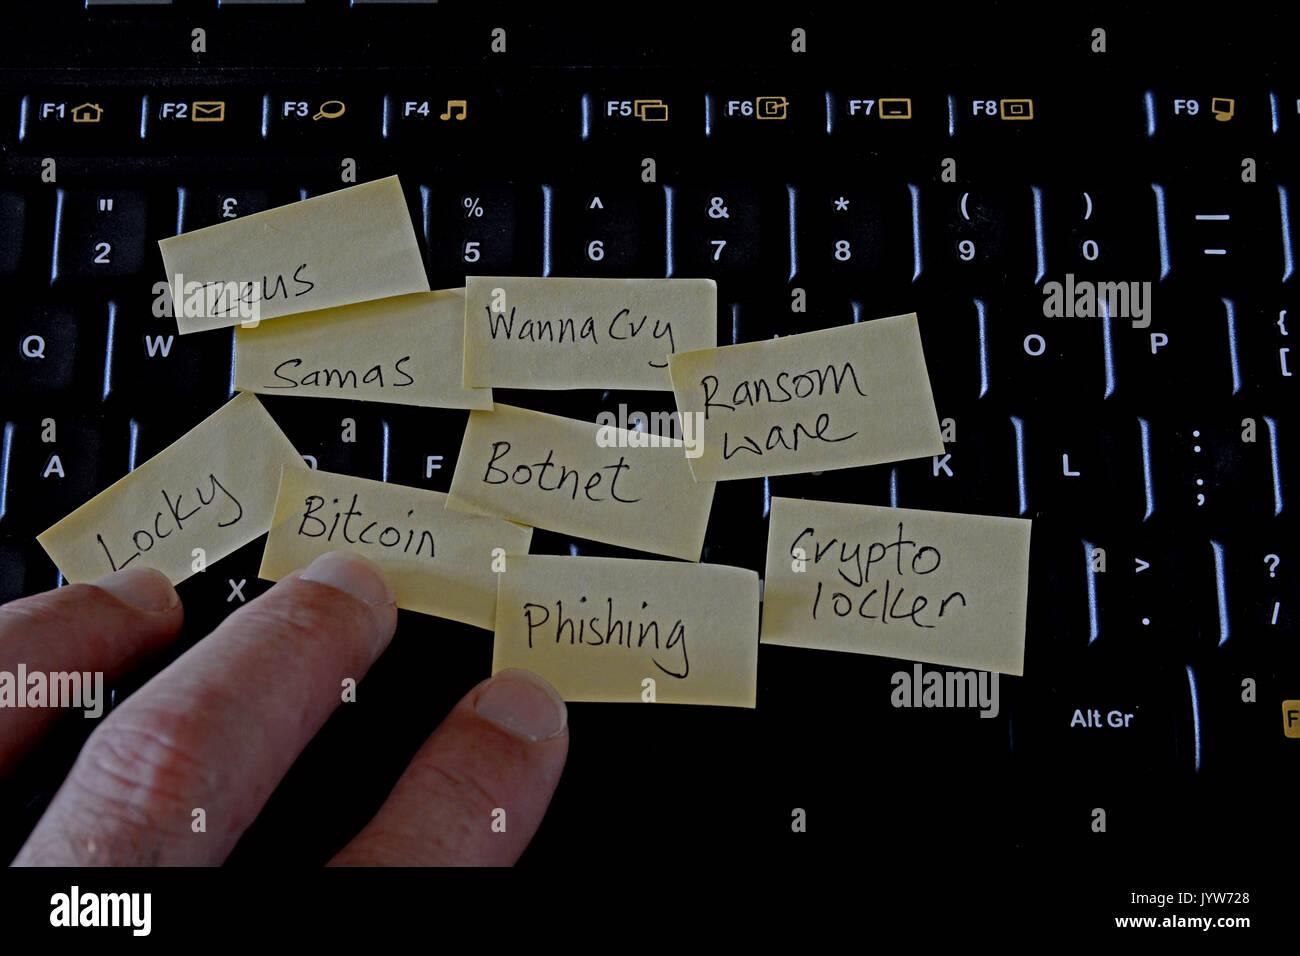 Teclado de ordenador con post-it notes de amenazas informáticas ransomware / atascado. Con mans mano tocando el teclado. Imagen De Stock